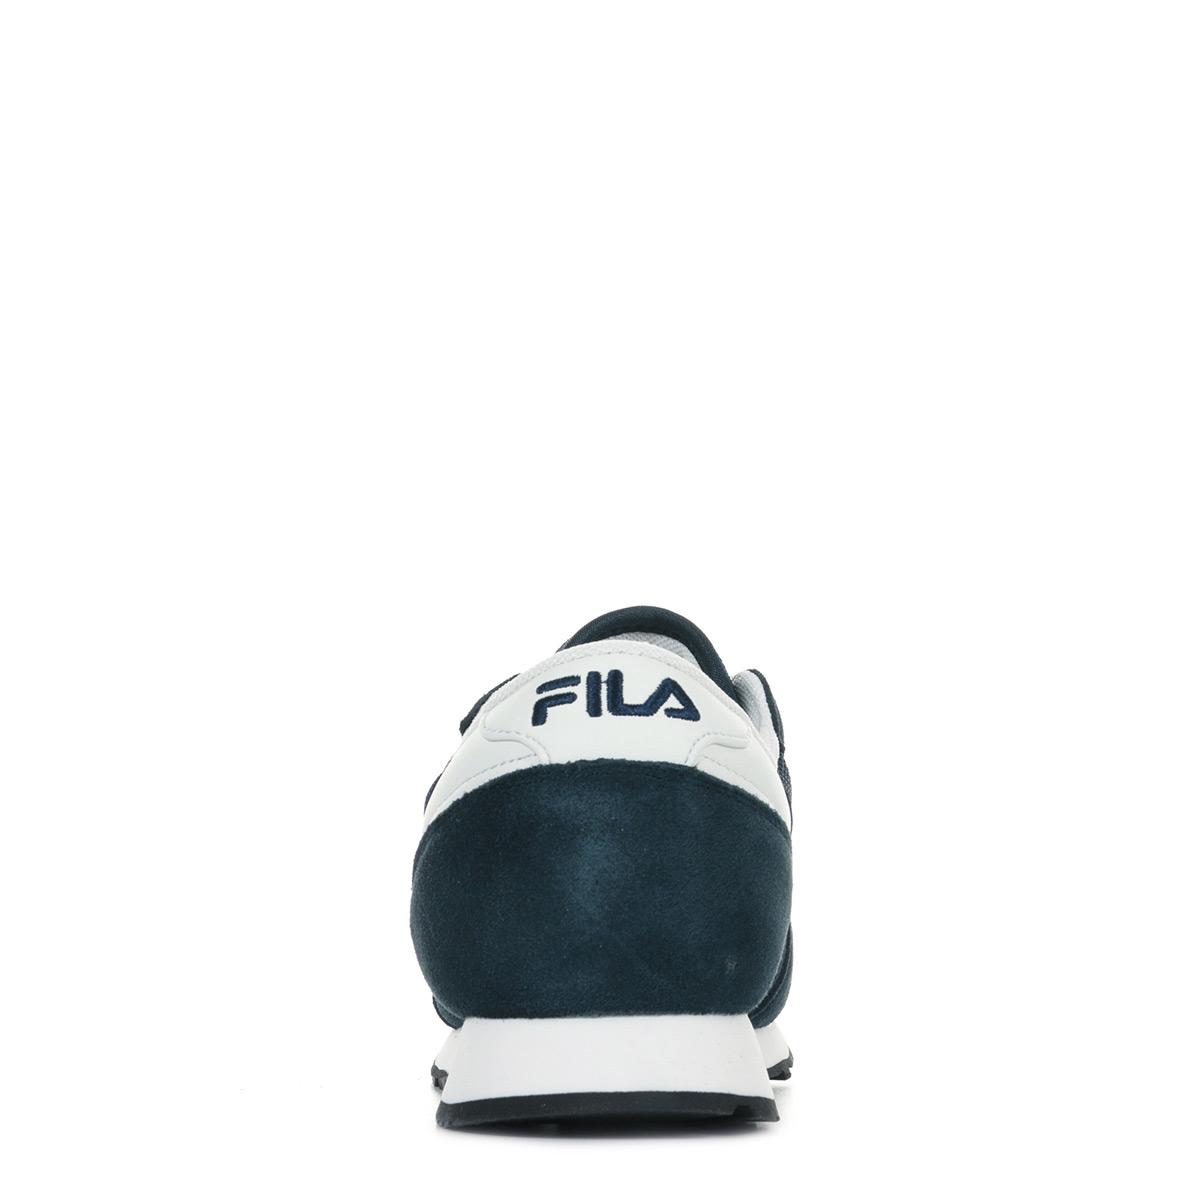 Détails sur Chaussures Baskets Fila homme Orbit Jogger Low N taille Bleu marine Bleue Suède